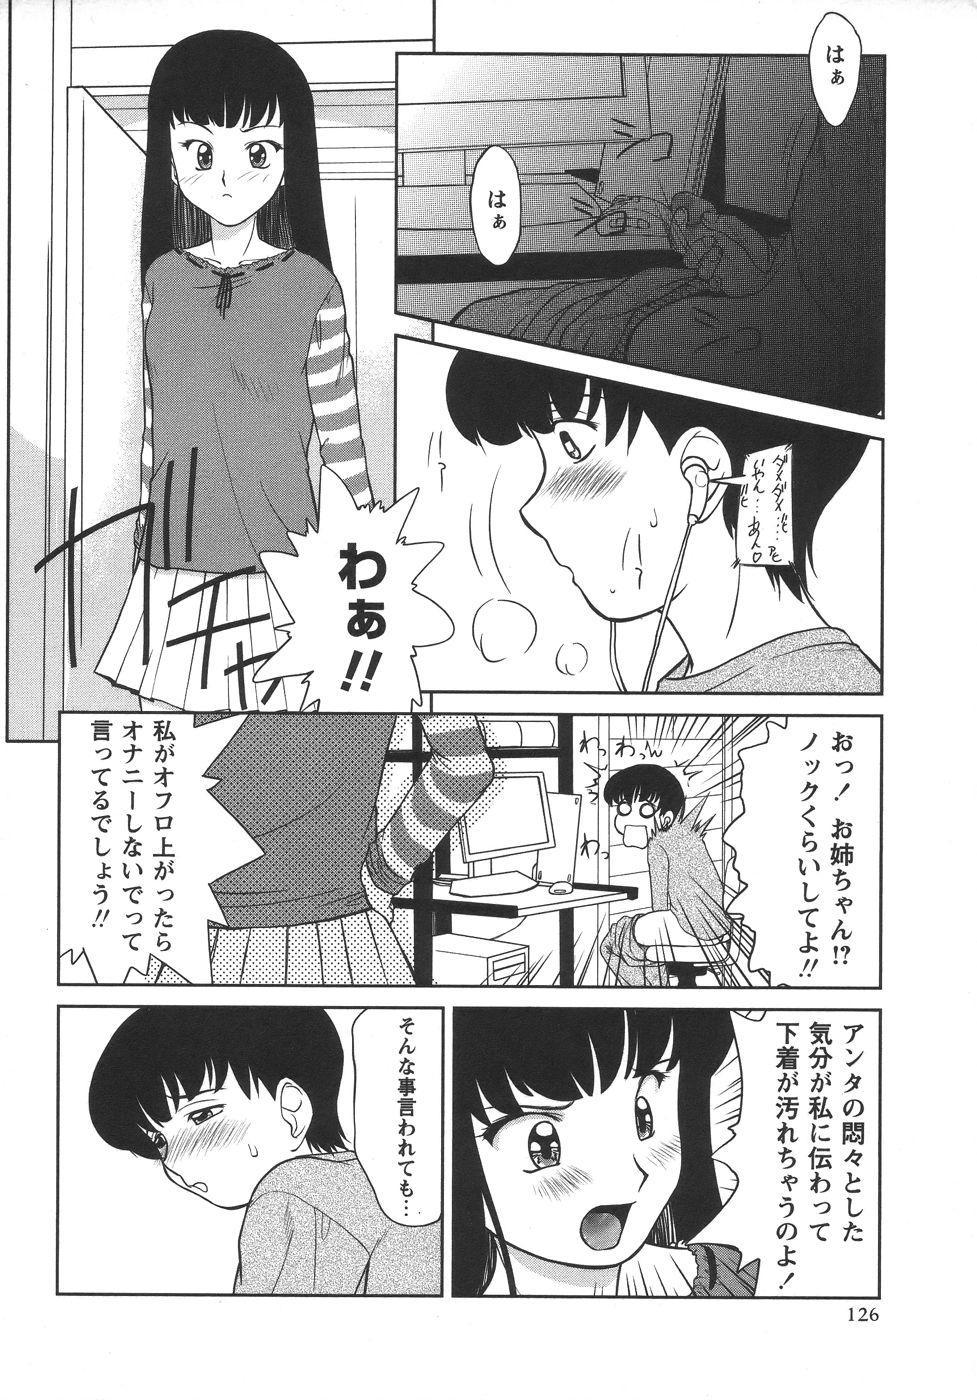 Comic Masyo 2006-06 125